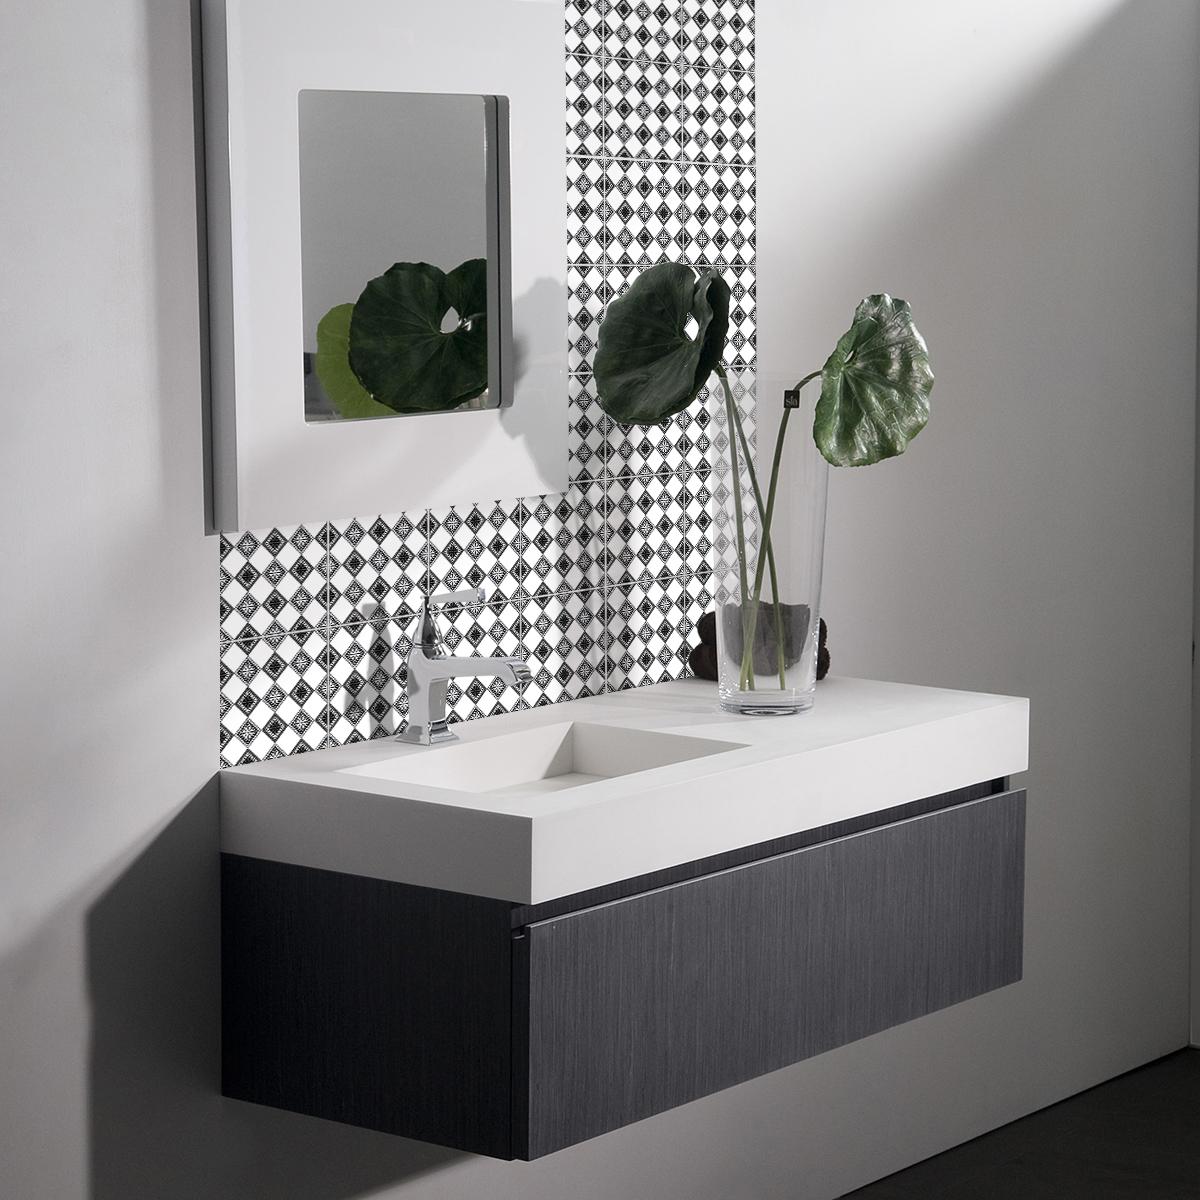 24 stickers carreaux de ciment boh me kisha cuisine. Black Bedroom Furniture Sets. Home Design Ideas